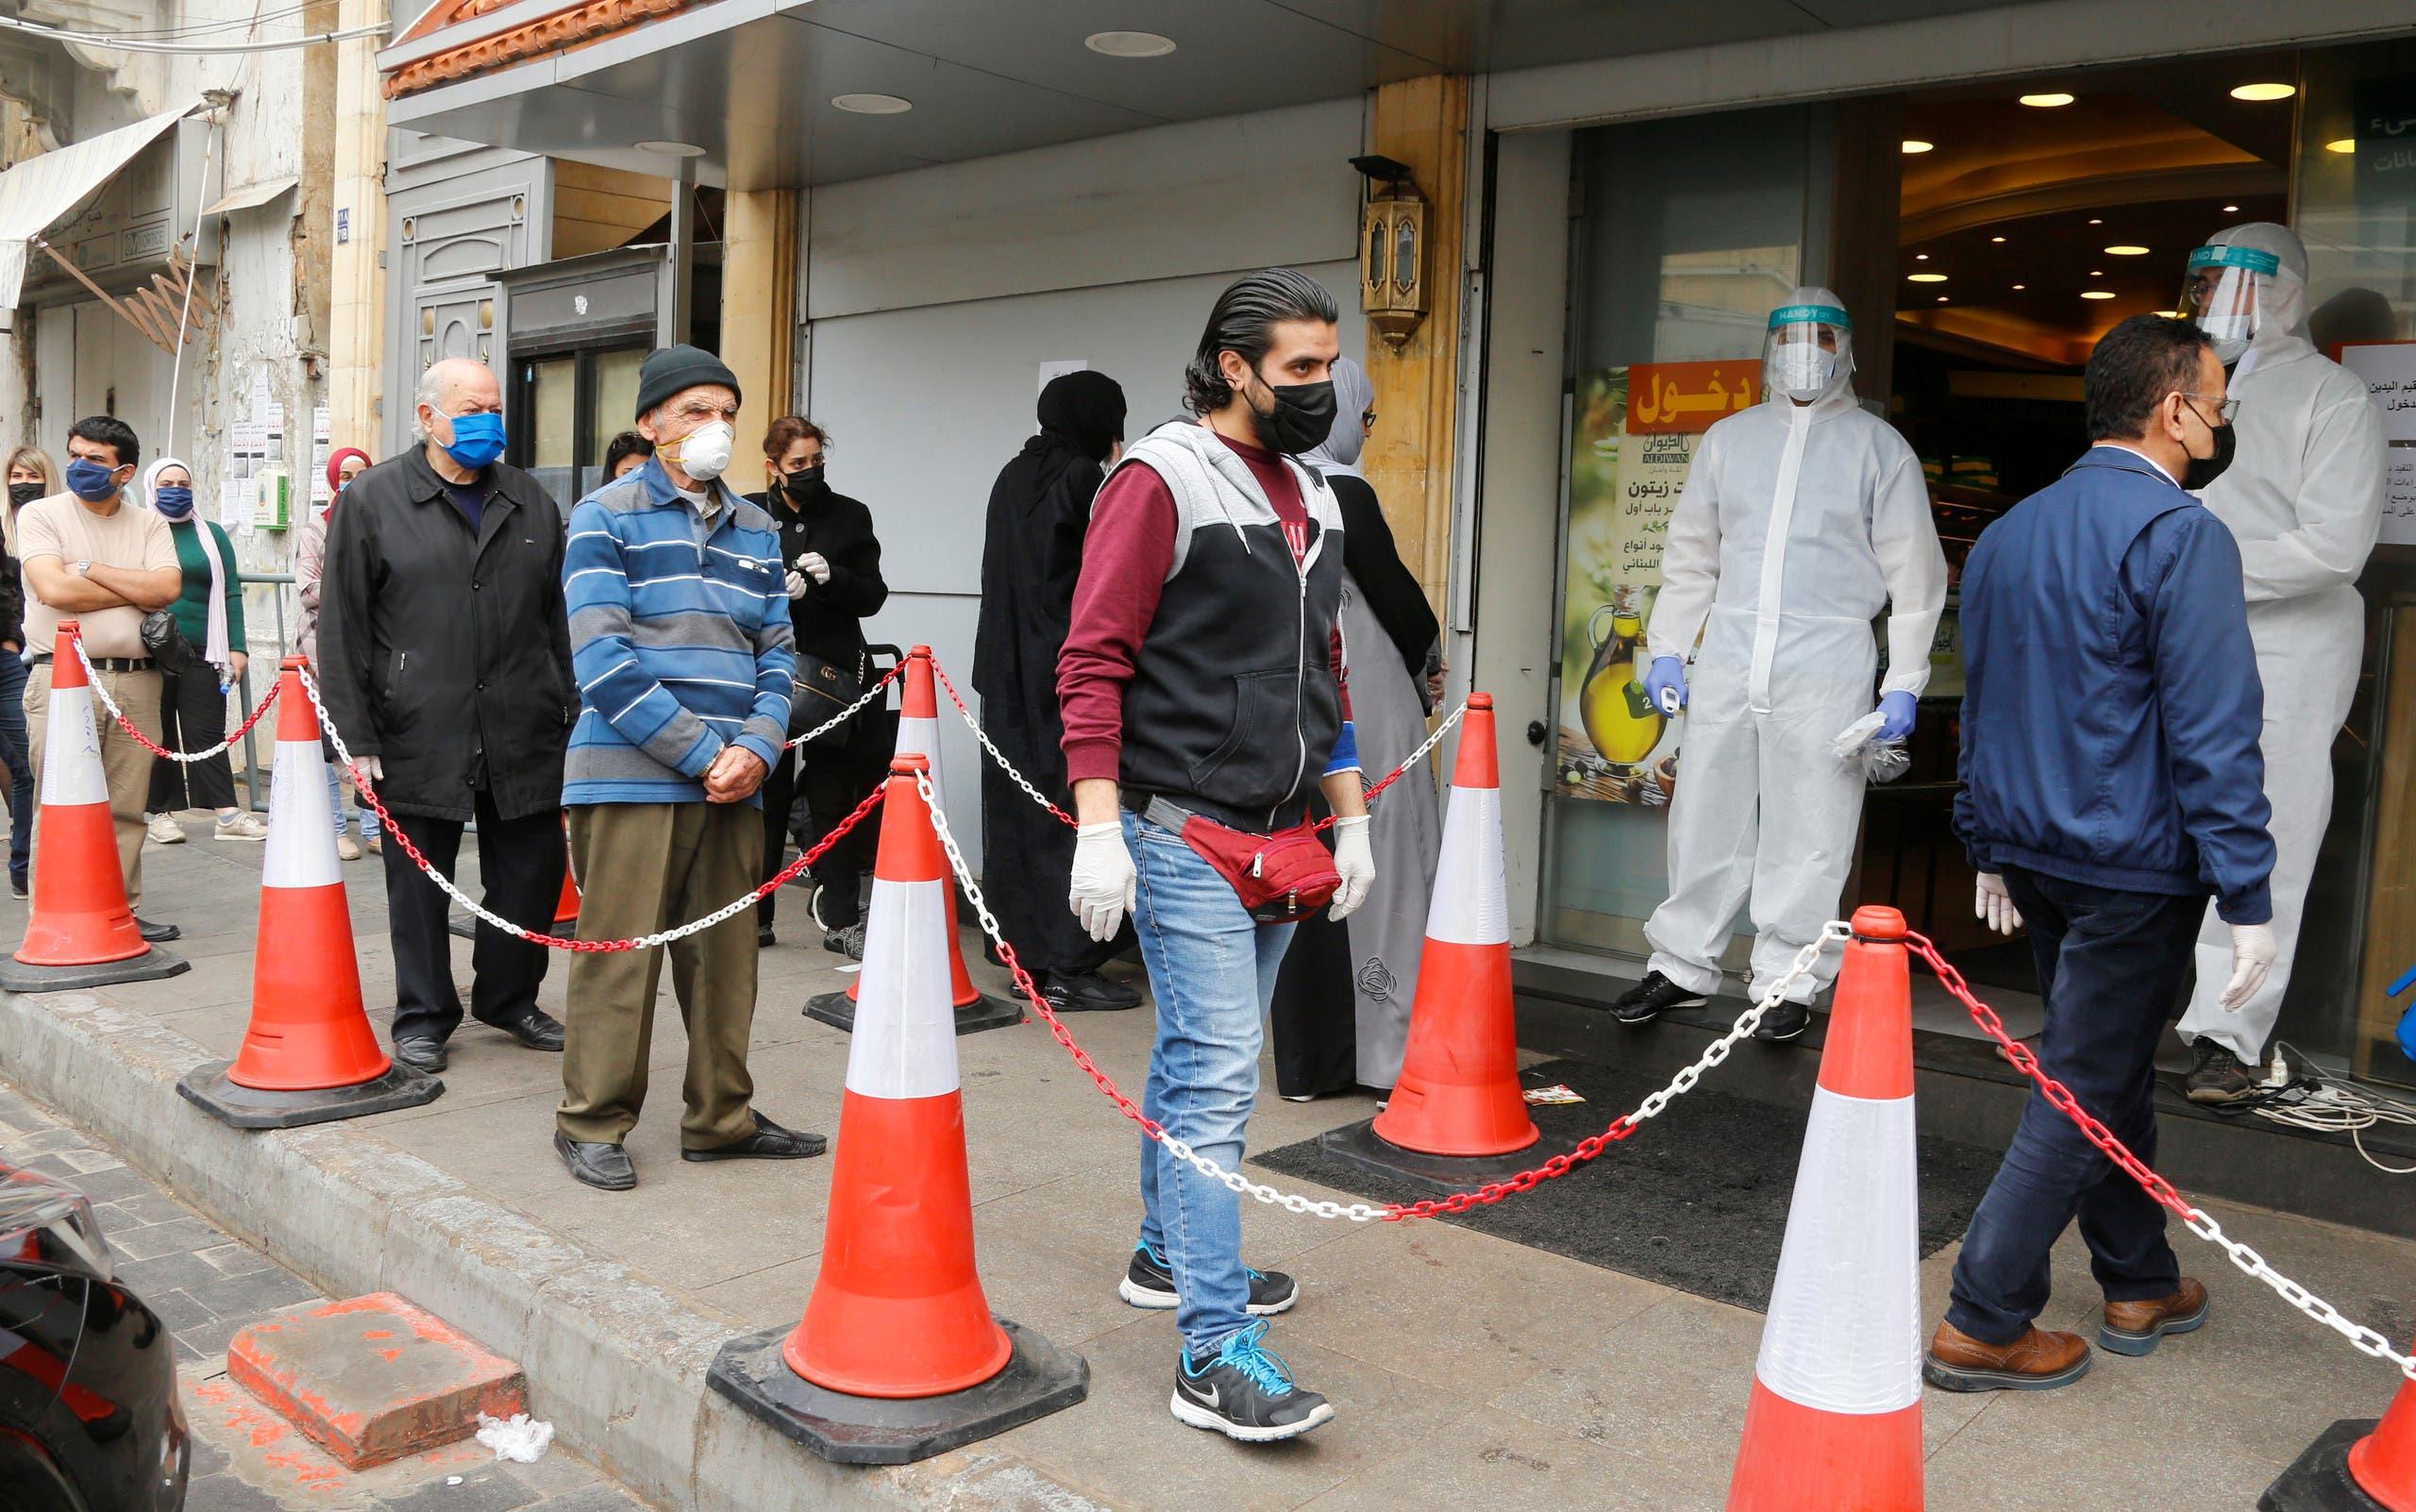 زبائن يرتدون الكمامات والقفازات وينتظرون دورهم للدخول إلى سوبرماركت في بيروت